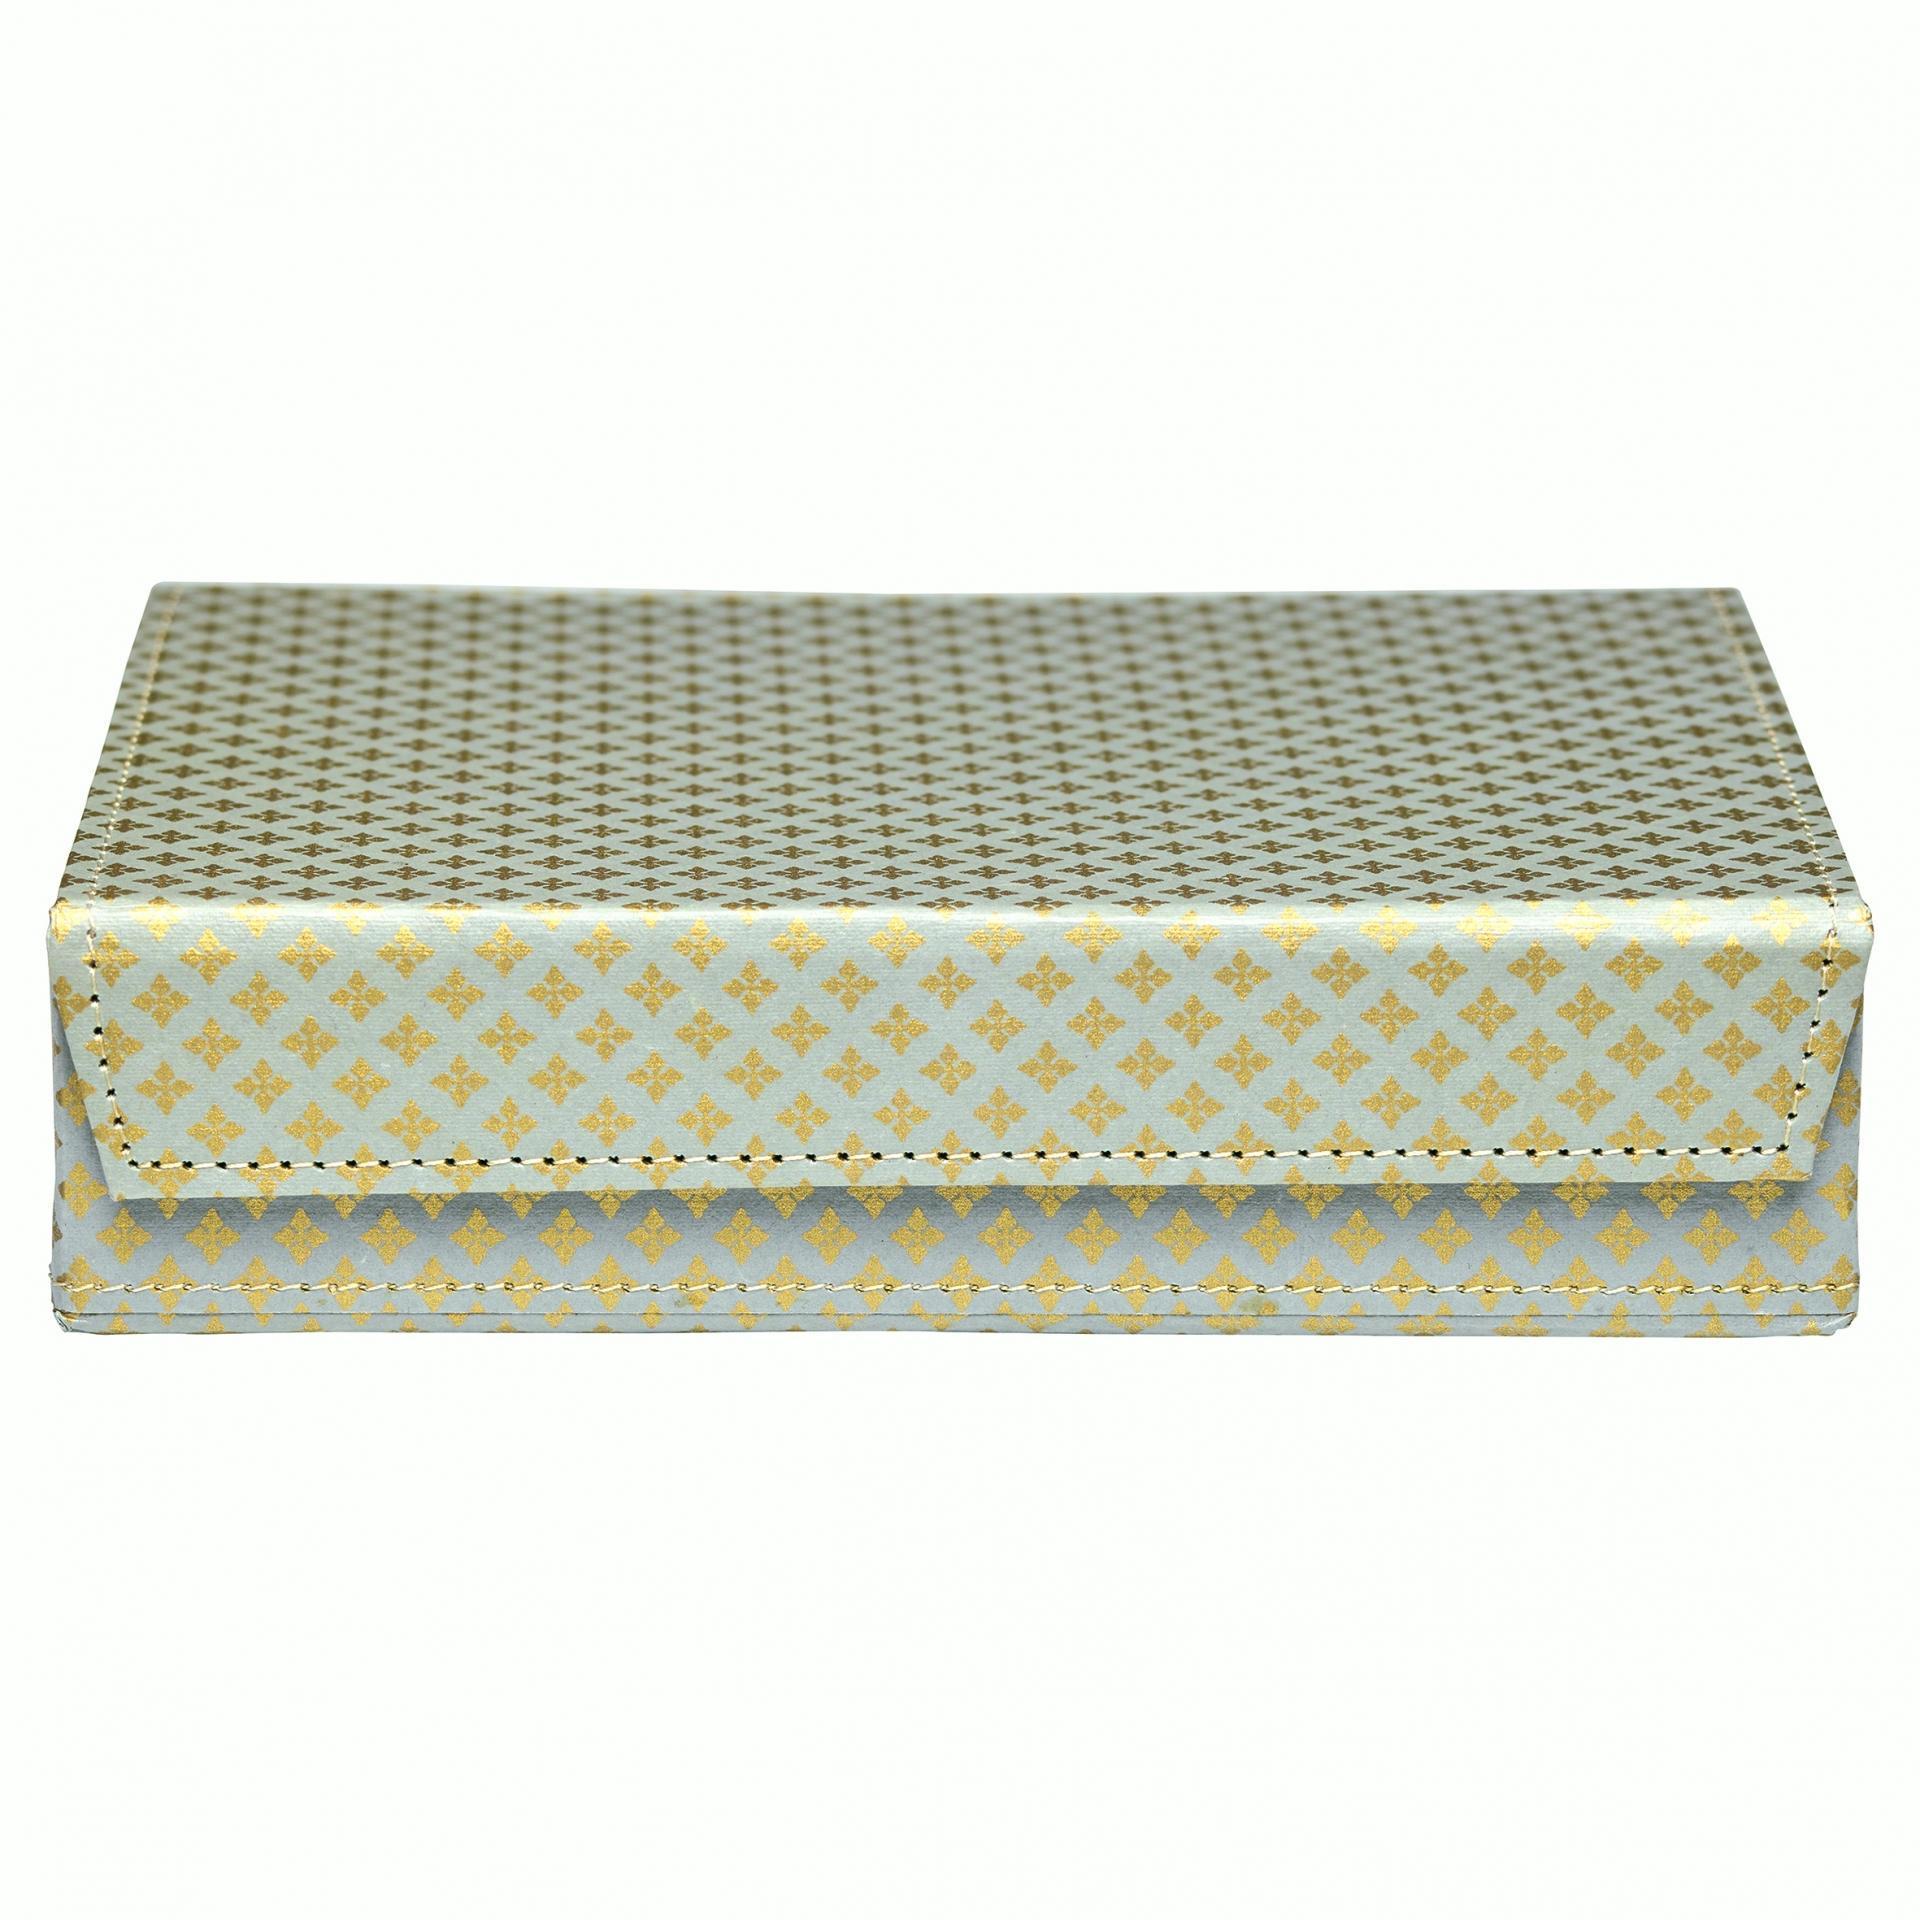 GREEN GATE Papírová krabička Sasha Dark grey, šedá barva, zlatá barva, papír